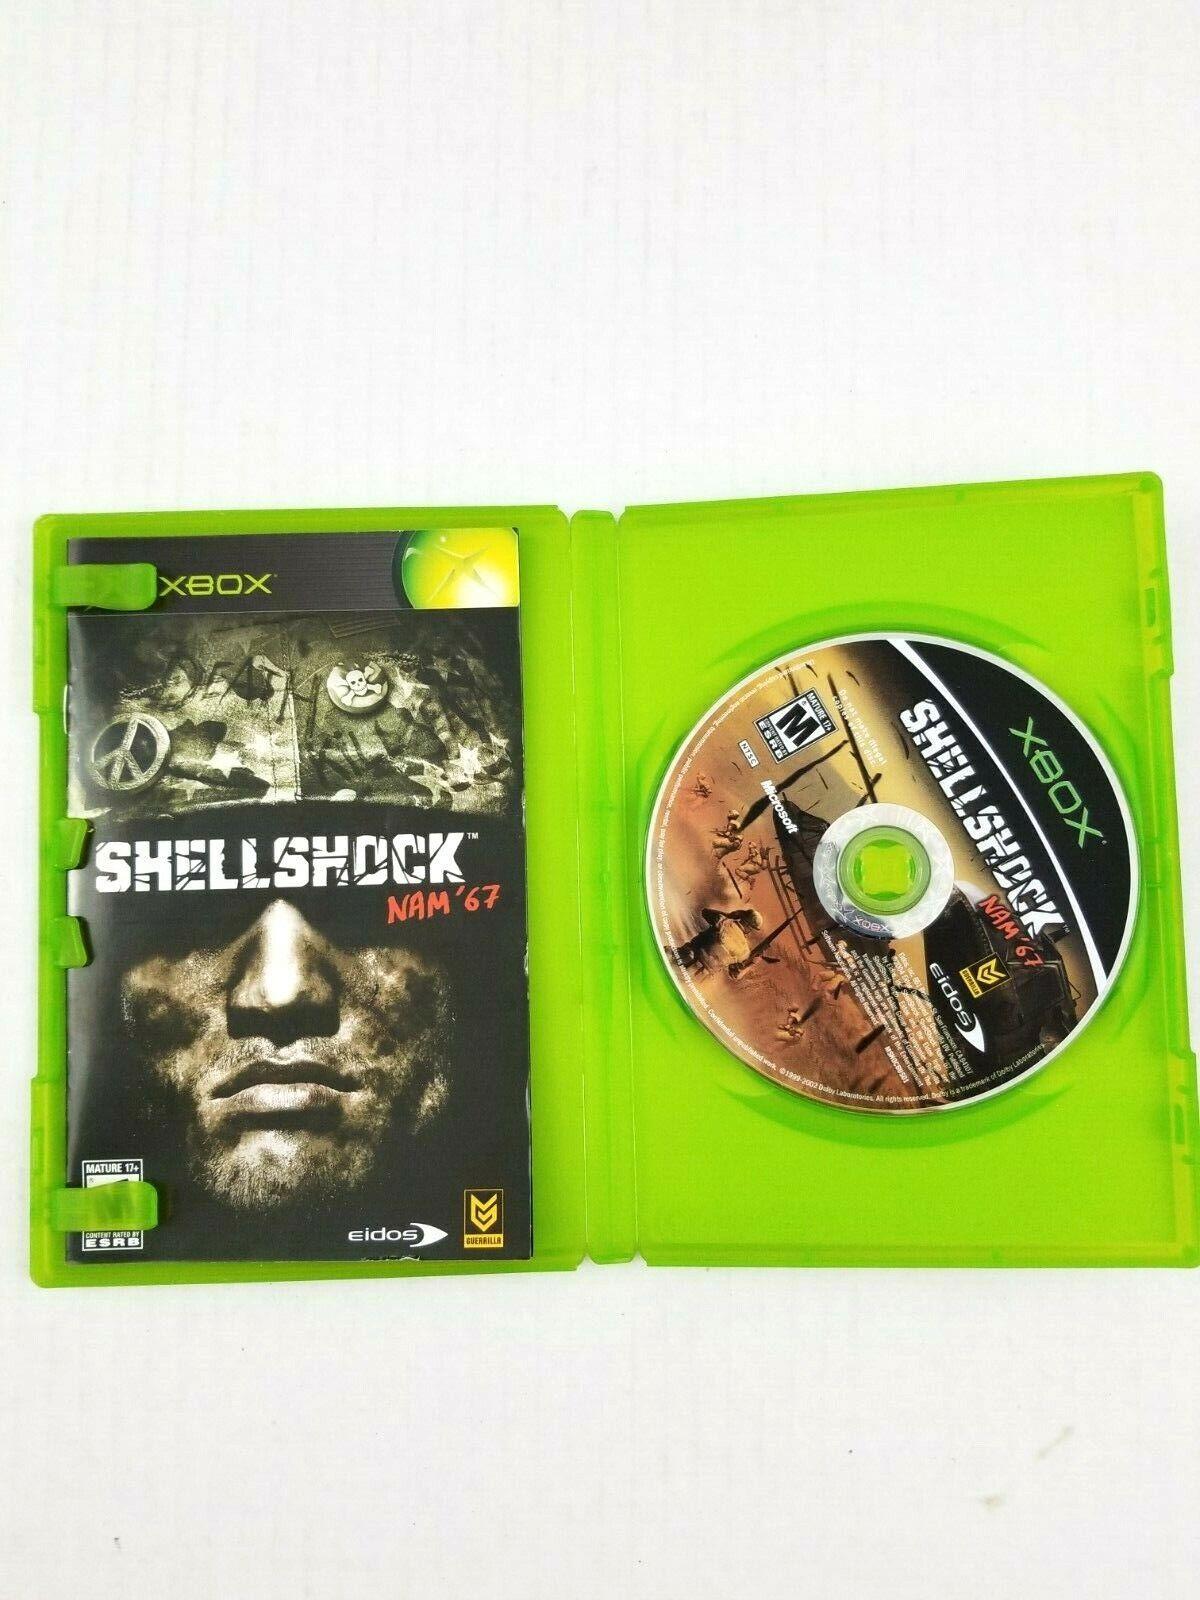 SHELLSHOCK NAM 67 XBOX - $4.99